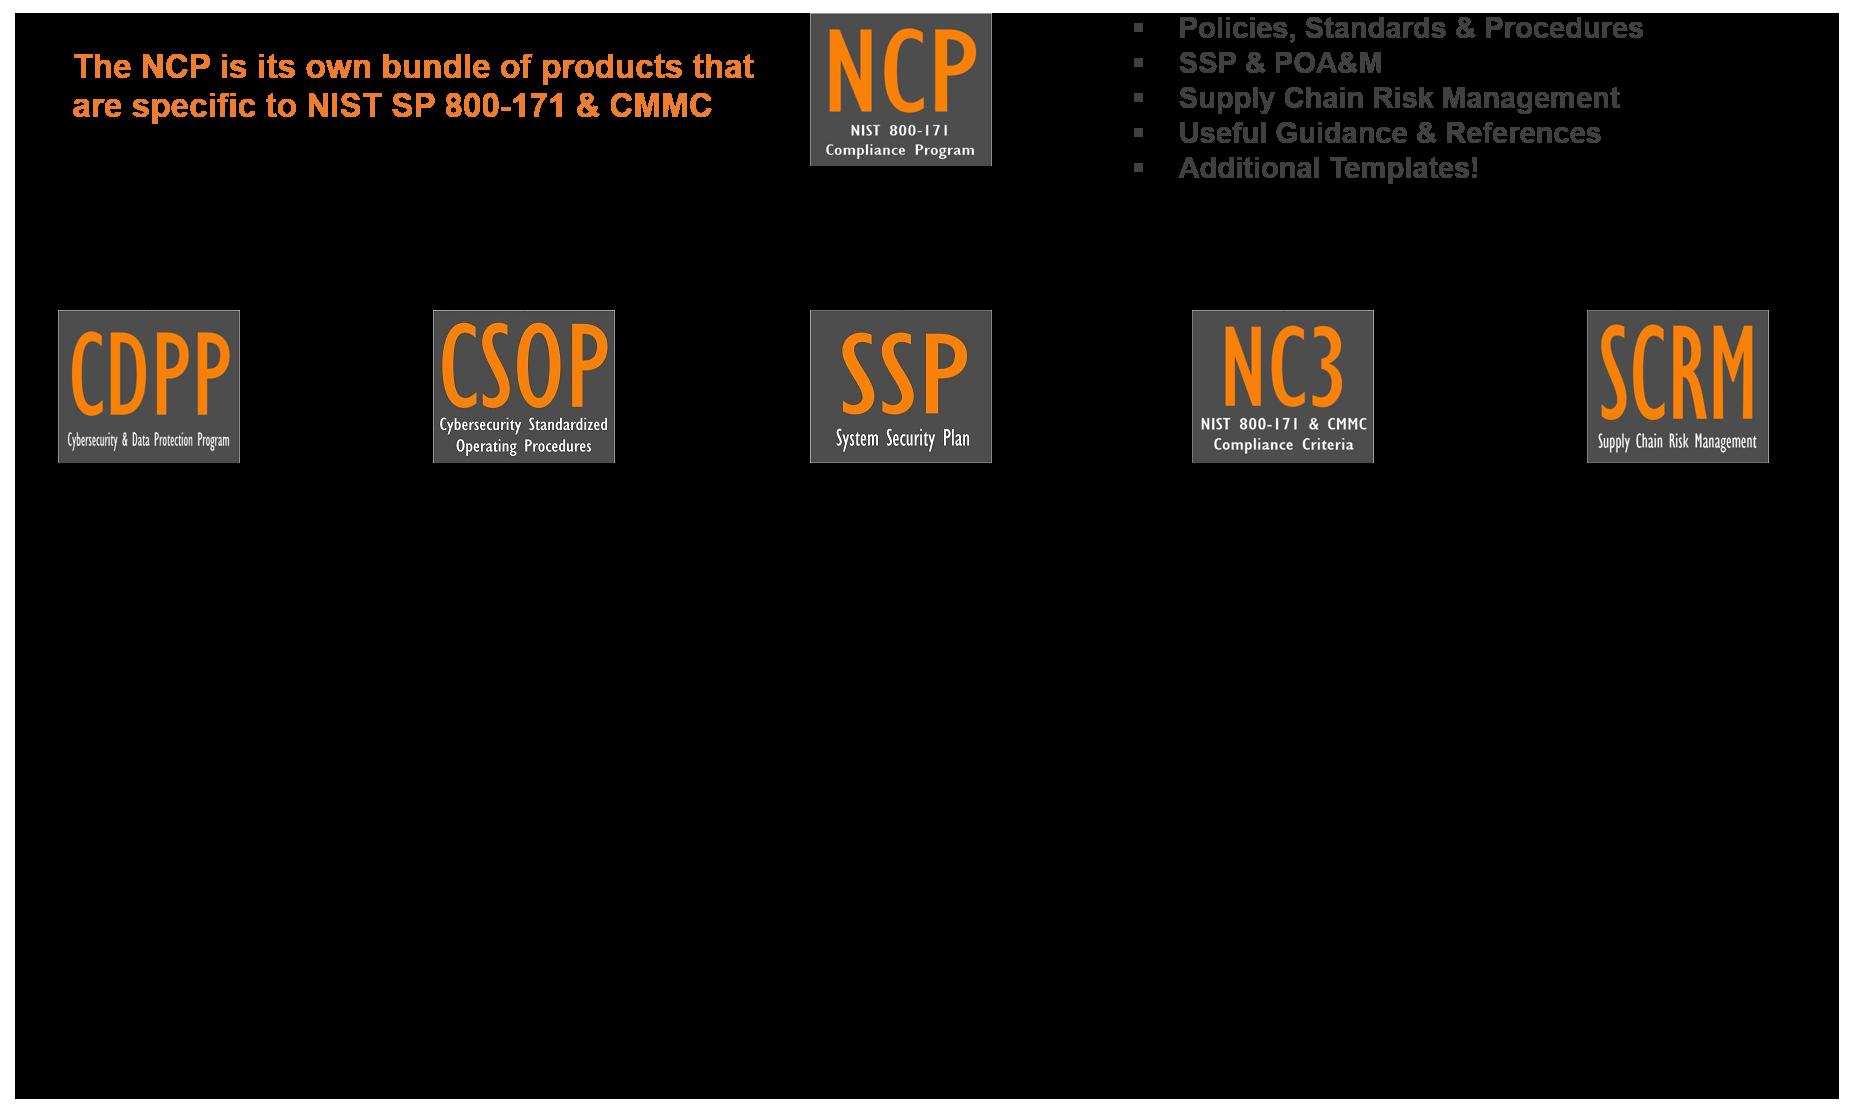 nist-800-171-cmmc-compliance-program-ncp-components.png